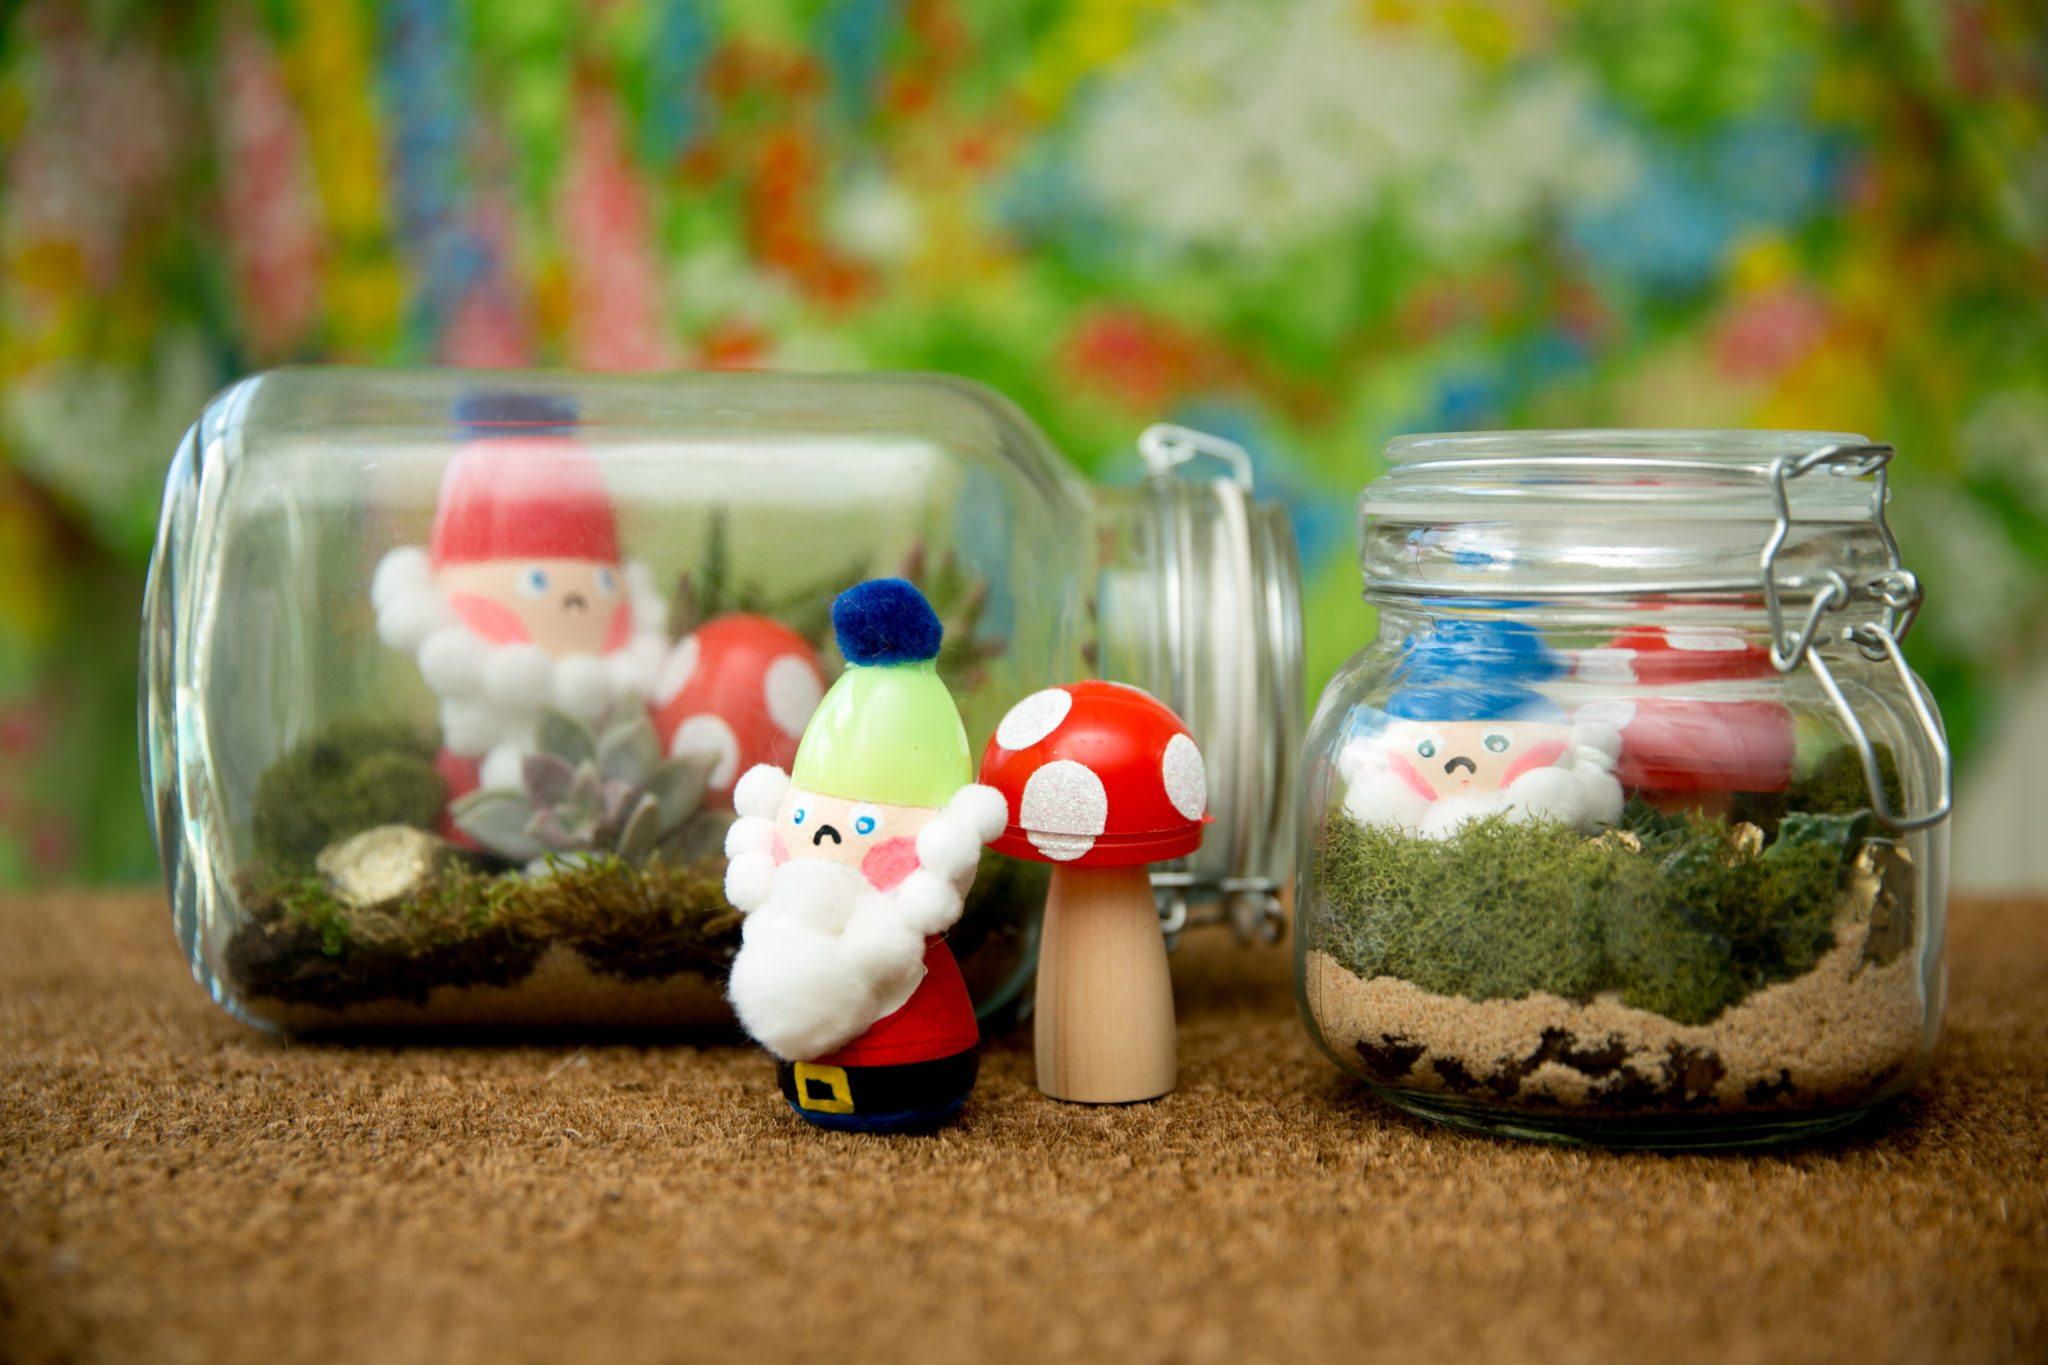 Diy Gnome Terrarium With Plastic Easter Eggs